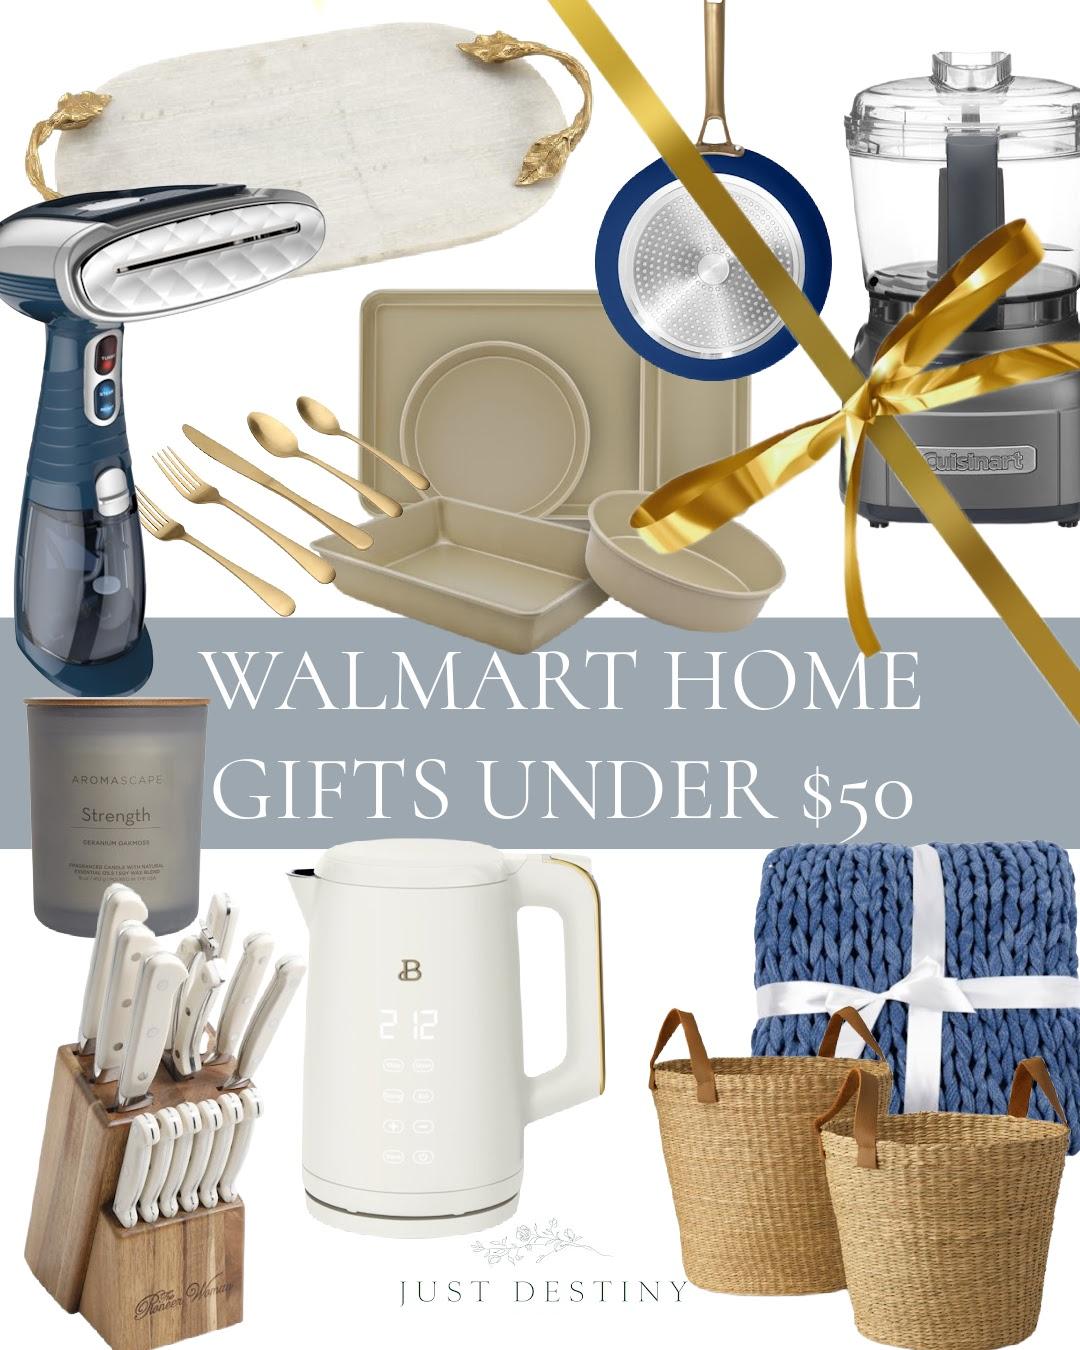 Walmart Home Gift Ideas Under $50